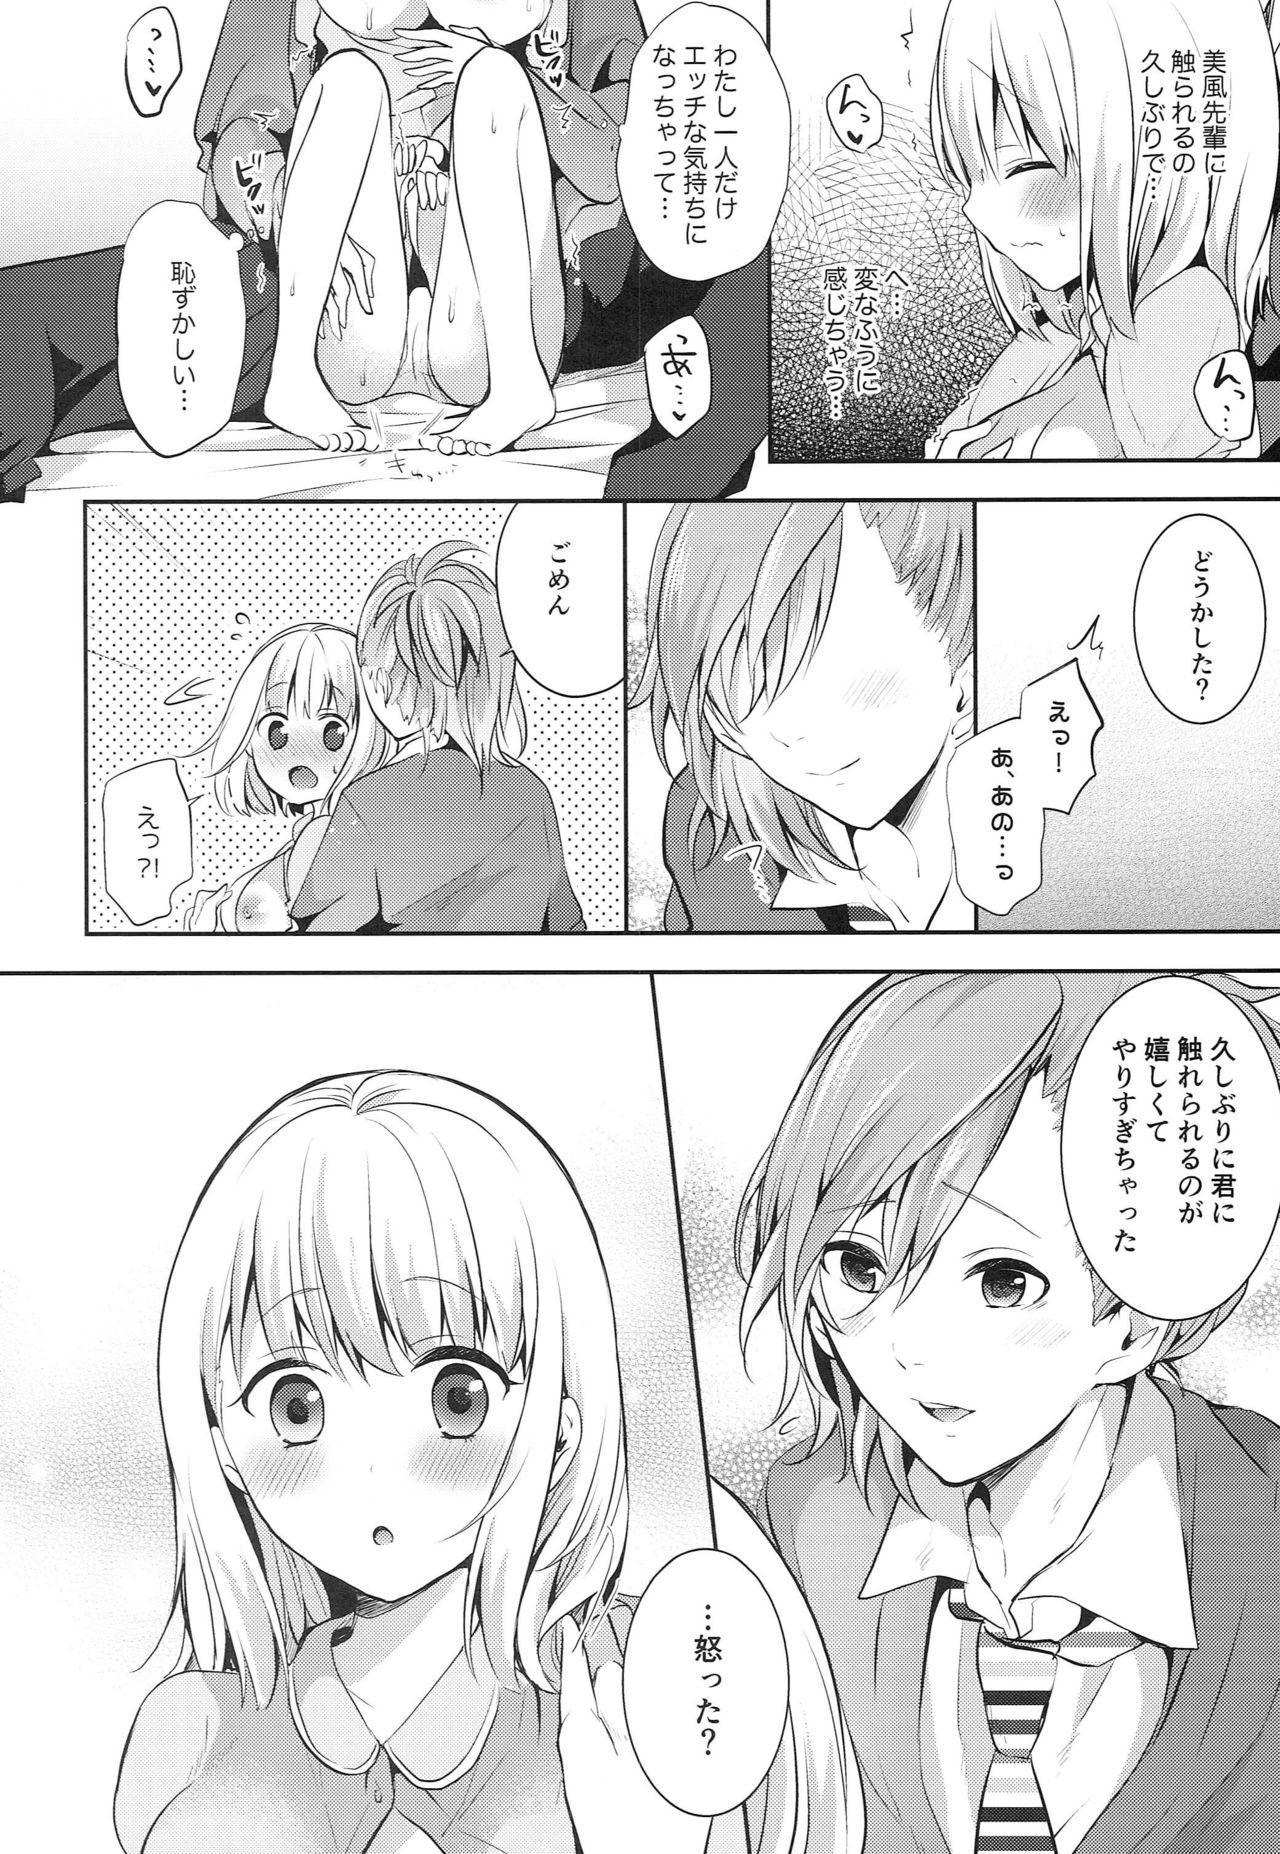 Hisashiburi ni Senpai ni Attara Ippai Amayakashite Kuremashita. 18